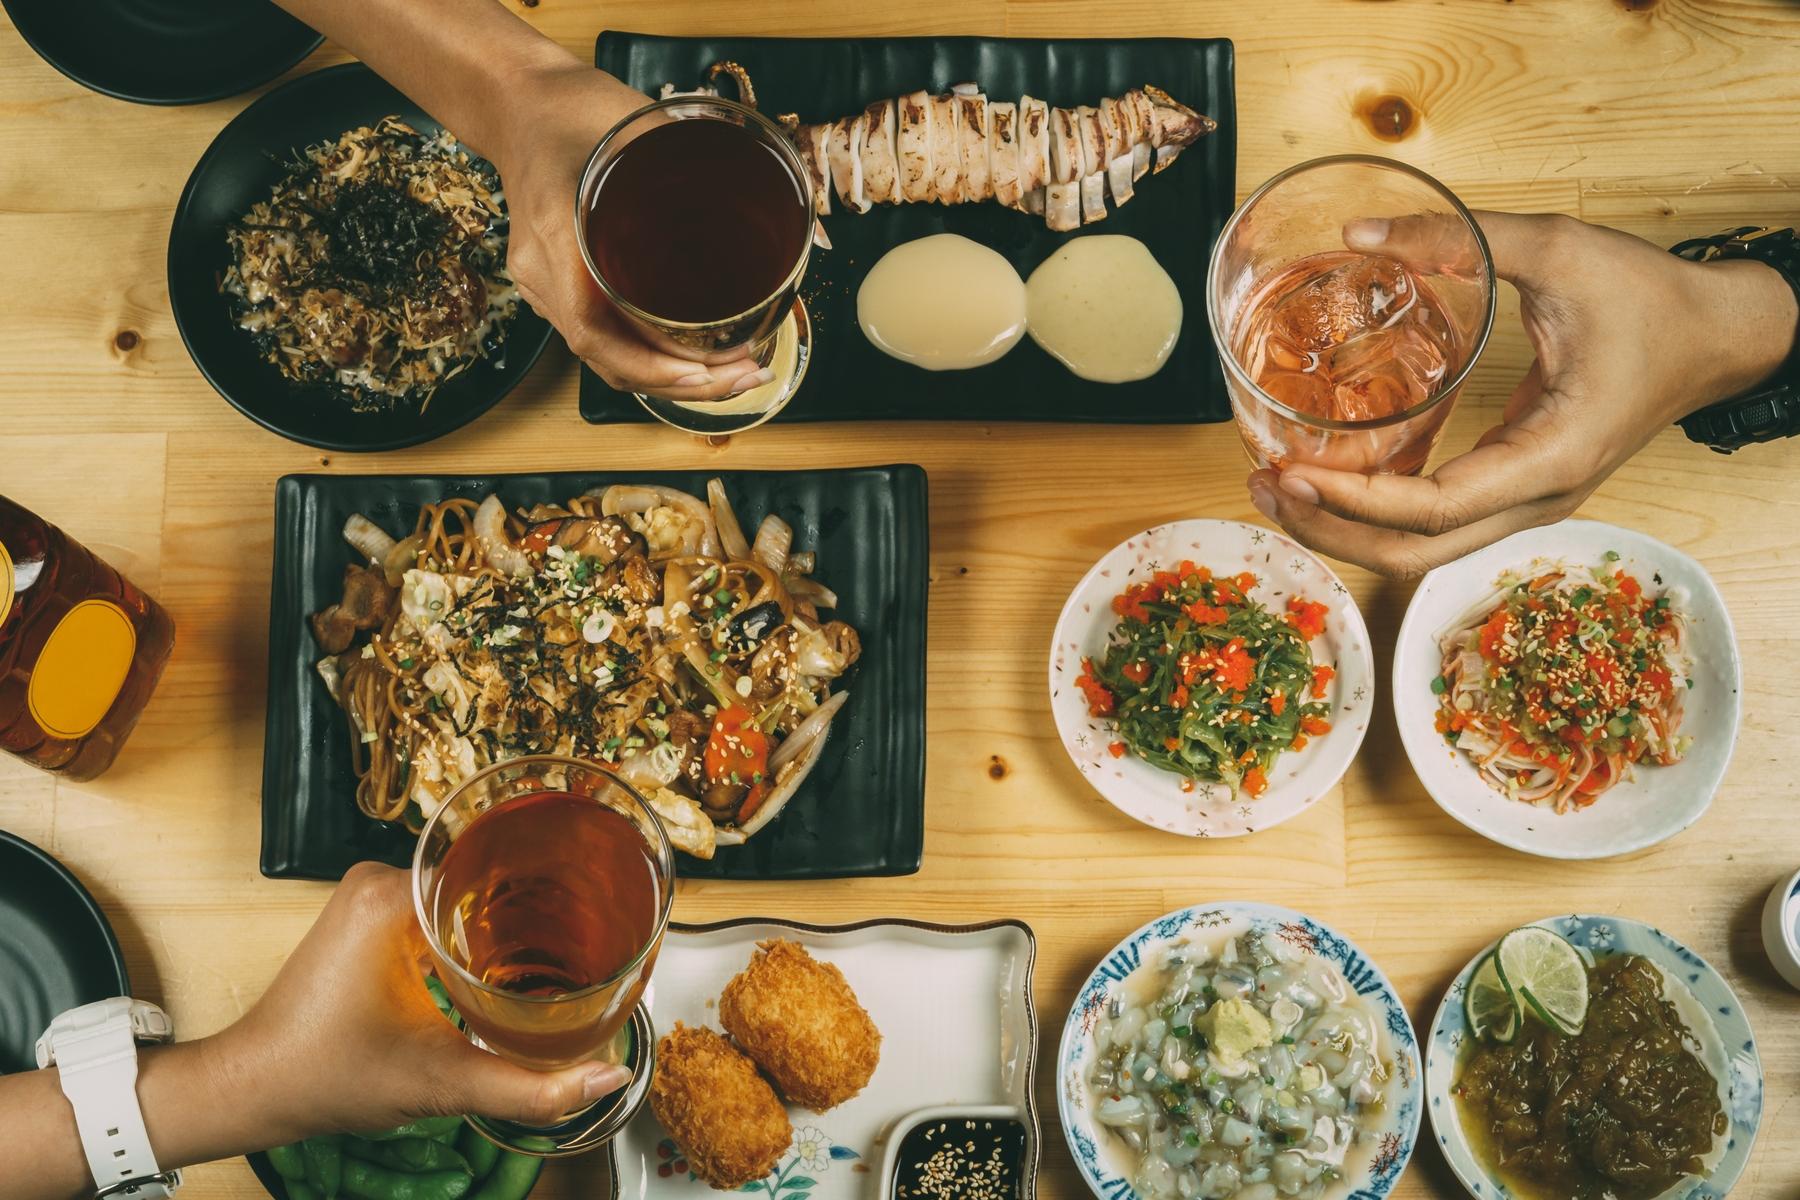 Гастрономический велнес-туризм. Якисоба, такояки, кальмары на гриле и другие блюда японской кухни